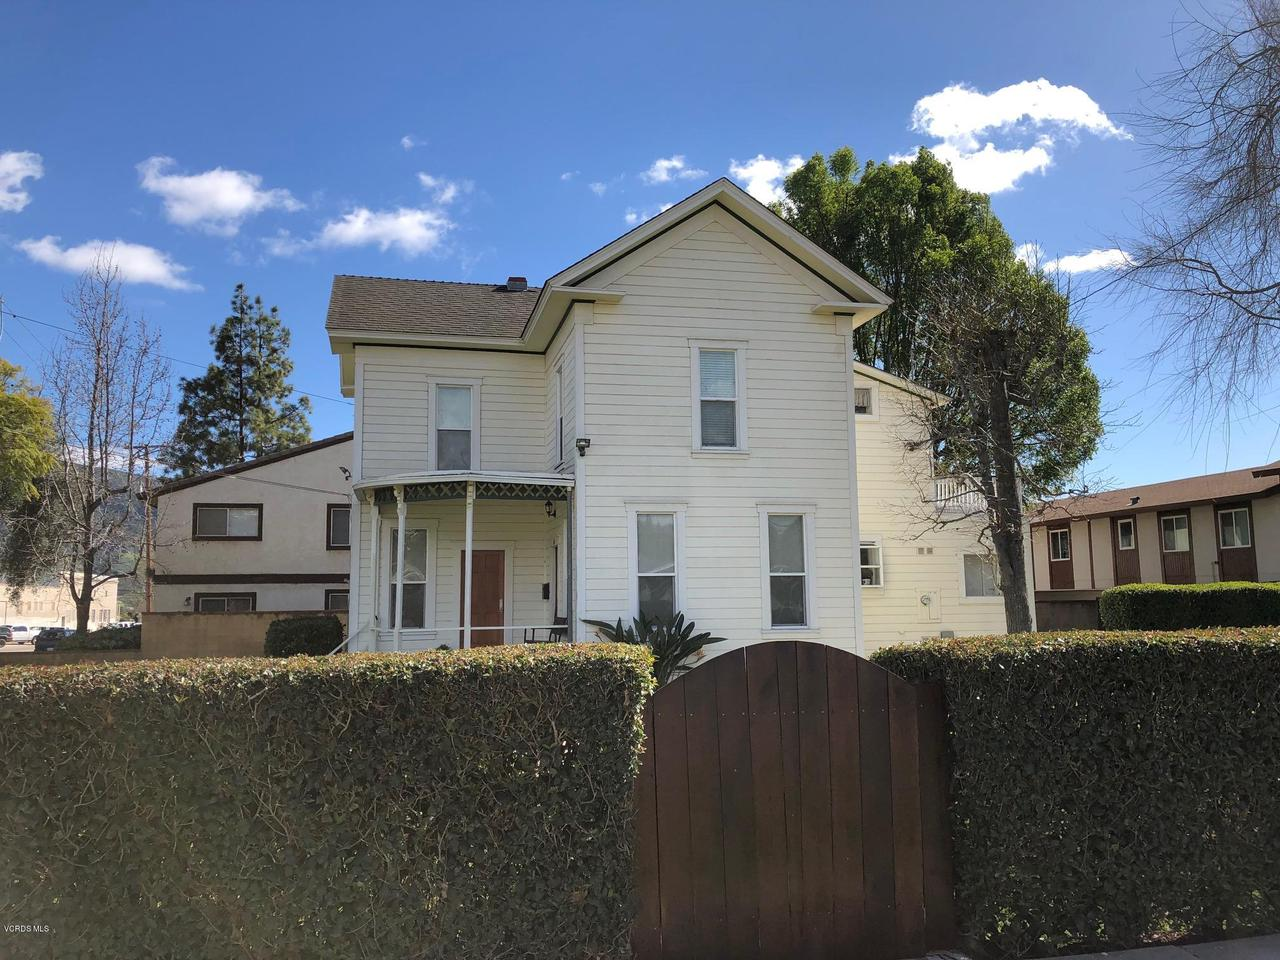 142 OLIVE, Santa Paula, CA 93060 - Front View